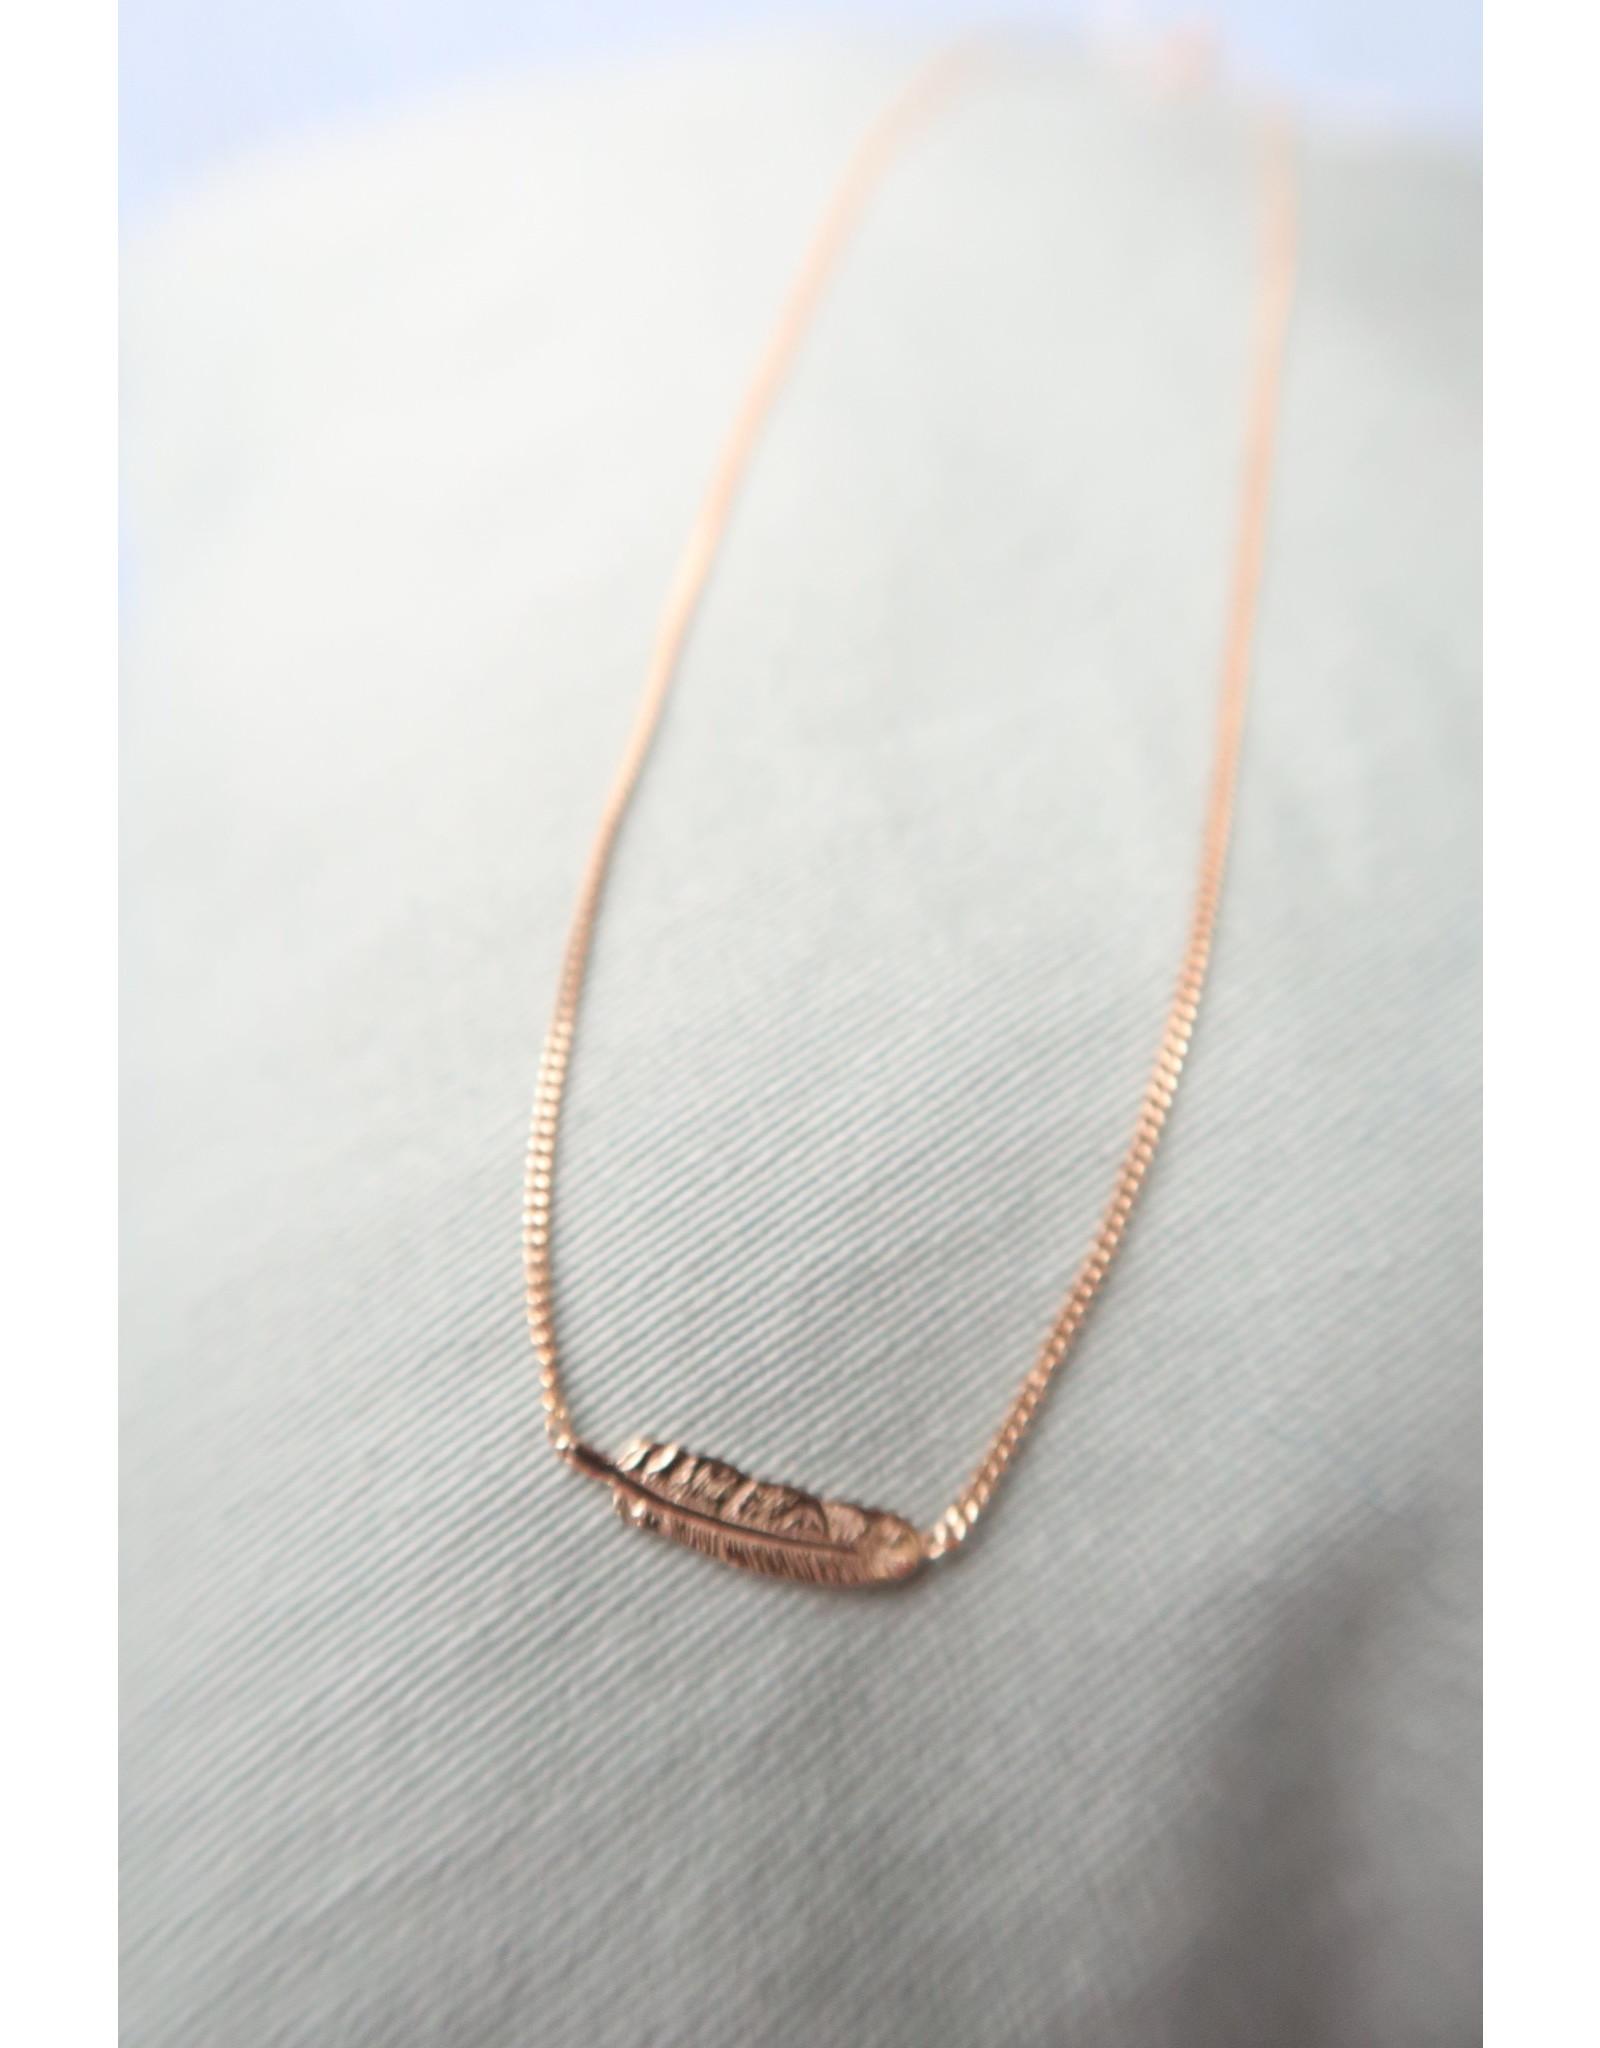 Halsketting verguld zilver met pluim, 44cm